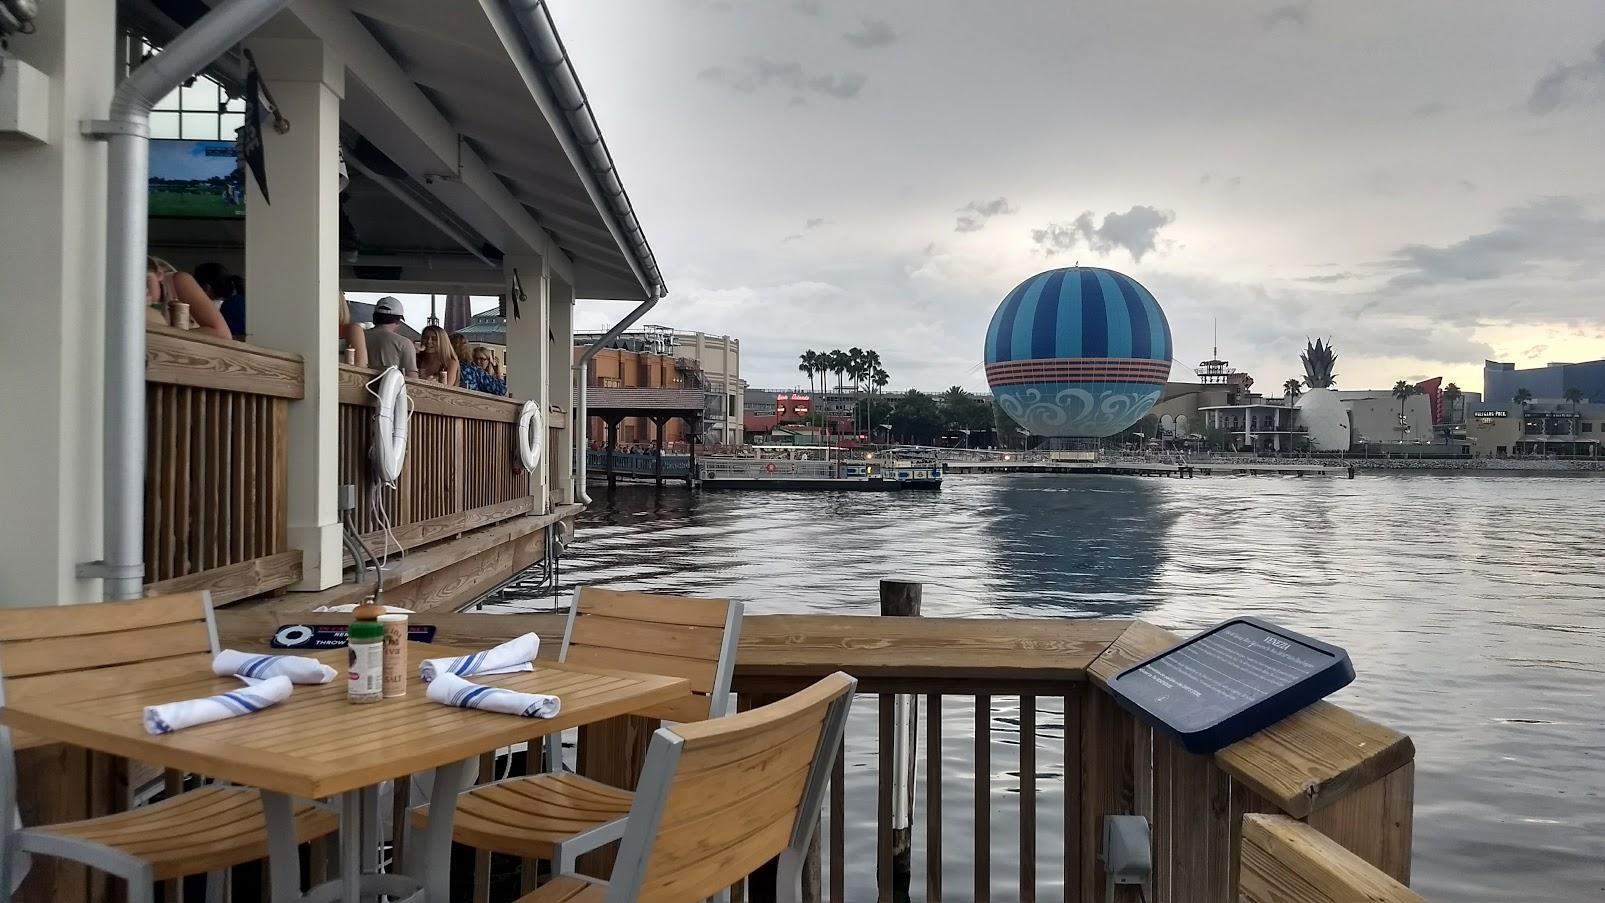 A Cynical Trip: Disney Springs